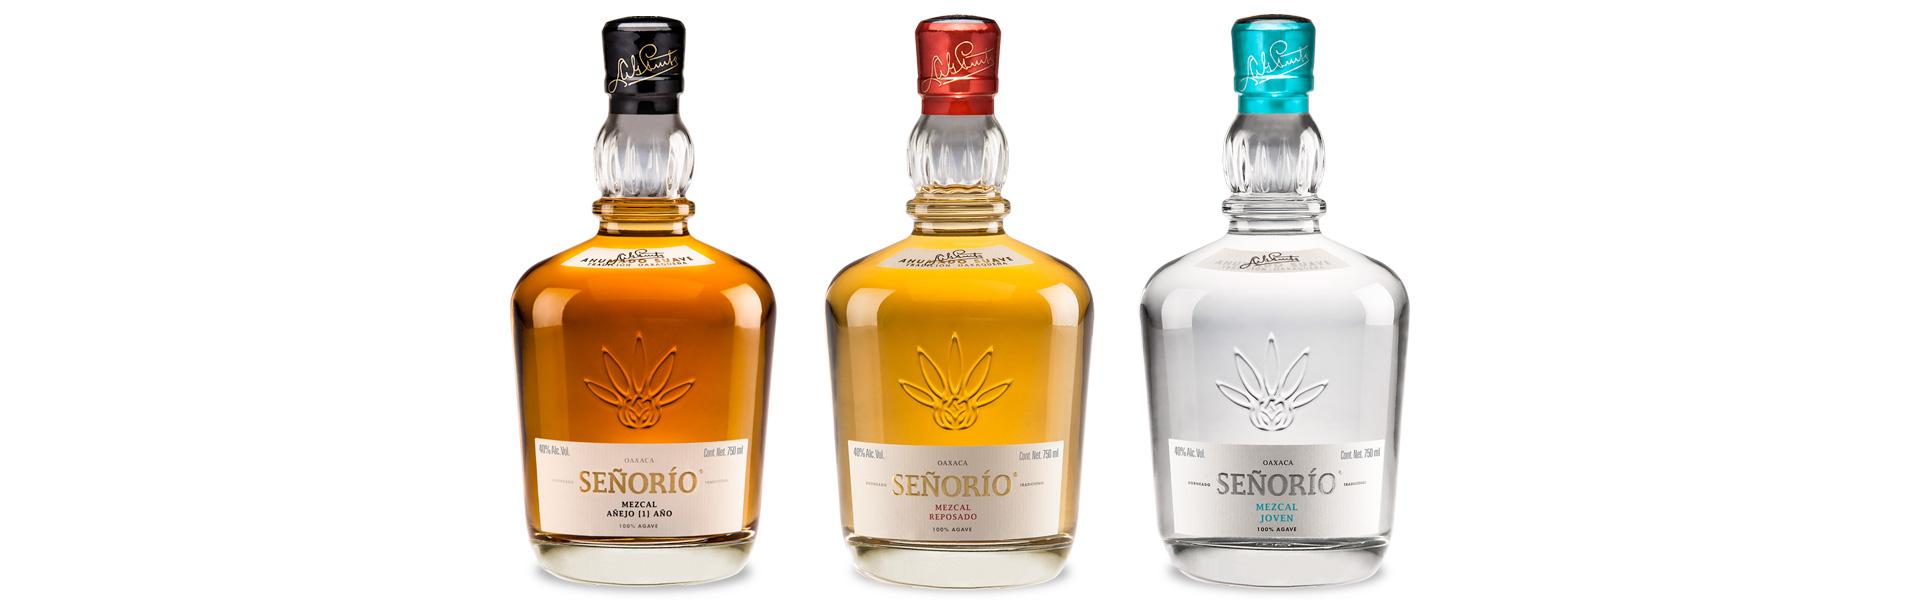 Design de garrafa para Mezcal